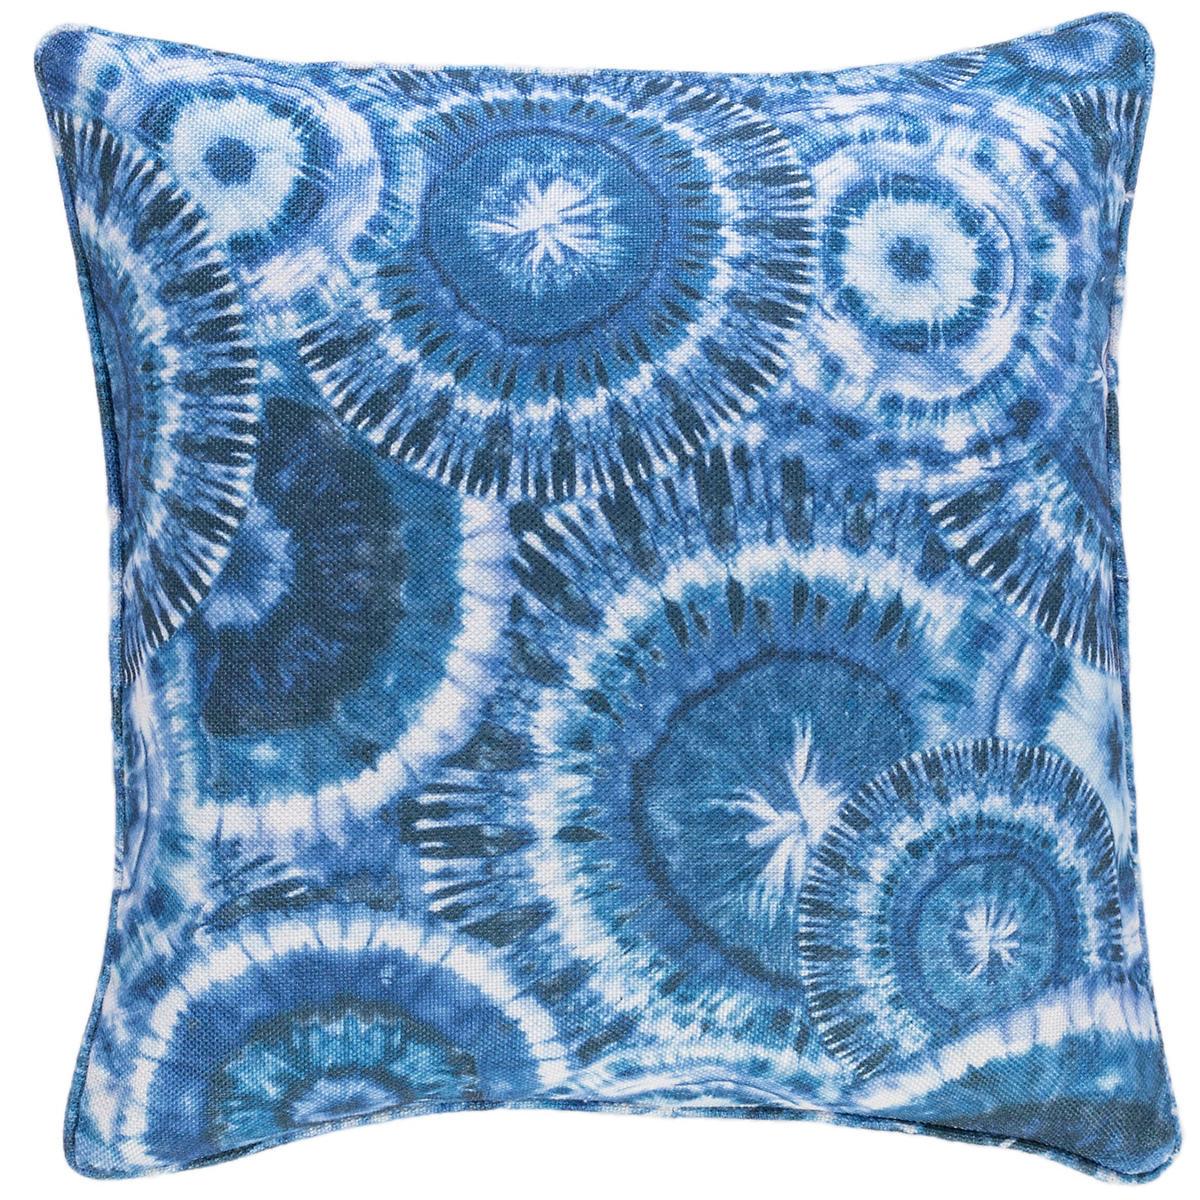 Mirago Blue Indoor/Outdoor Decorative Pillow